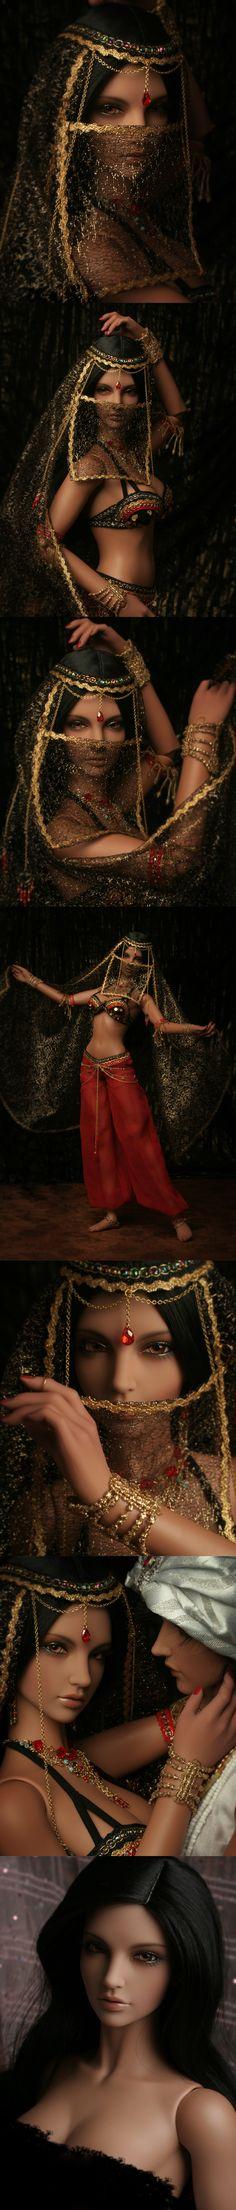 iplehouse Carina [Carina_Belly dancer] - $199.00 : BJD baby,bjd dolls,bjd doll shop,bjd bragan?a,fairyland,volks bjd,soom,luts bjd,Super Dol...